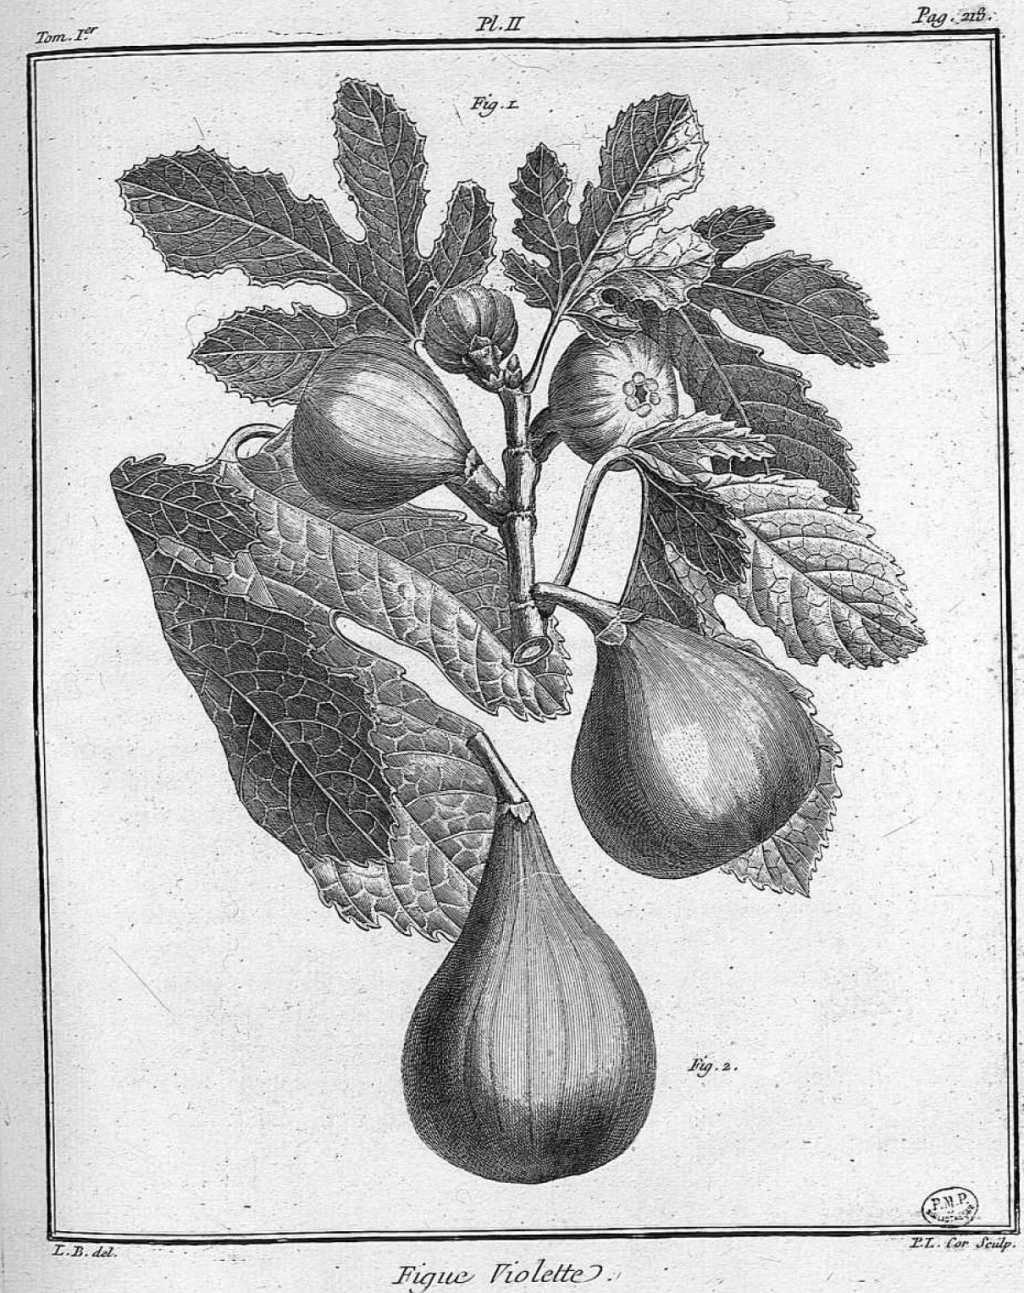 Dessins gravures de fruits et arbres fruitiers tir s de - Dessin figuier ...